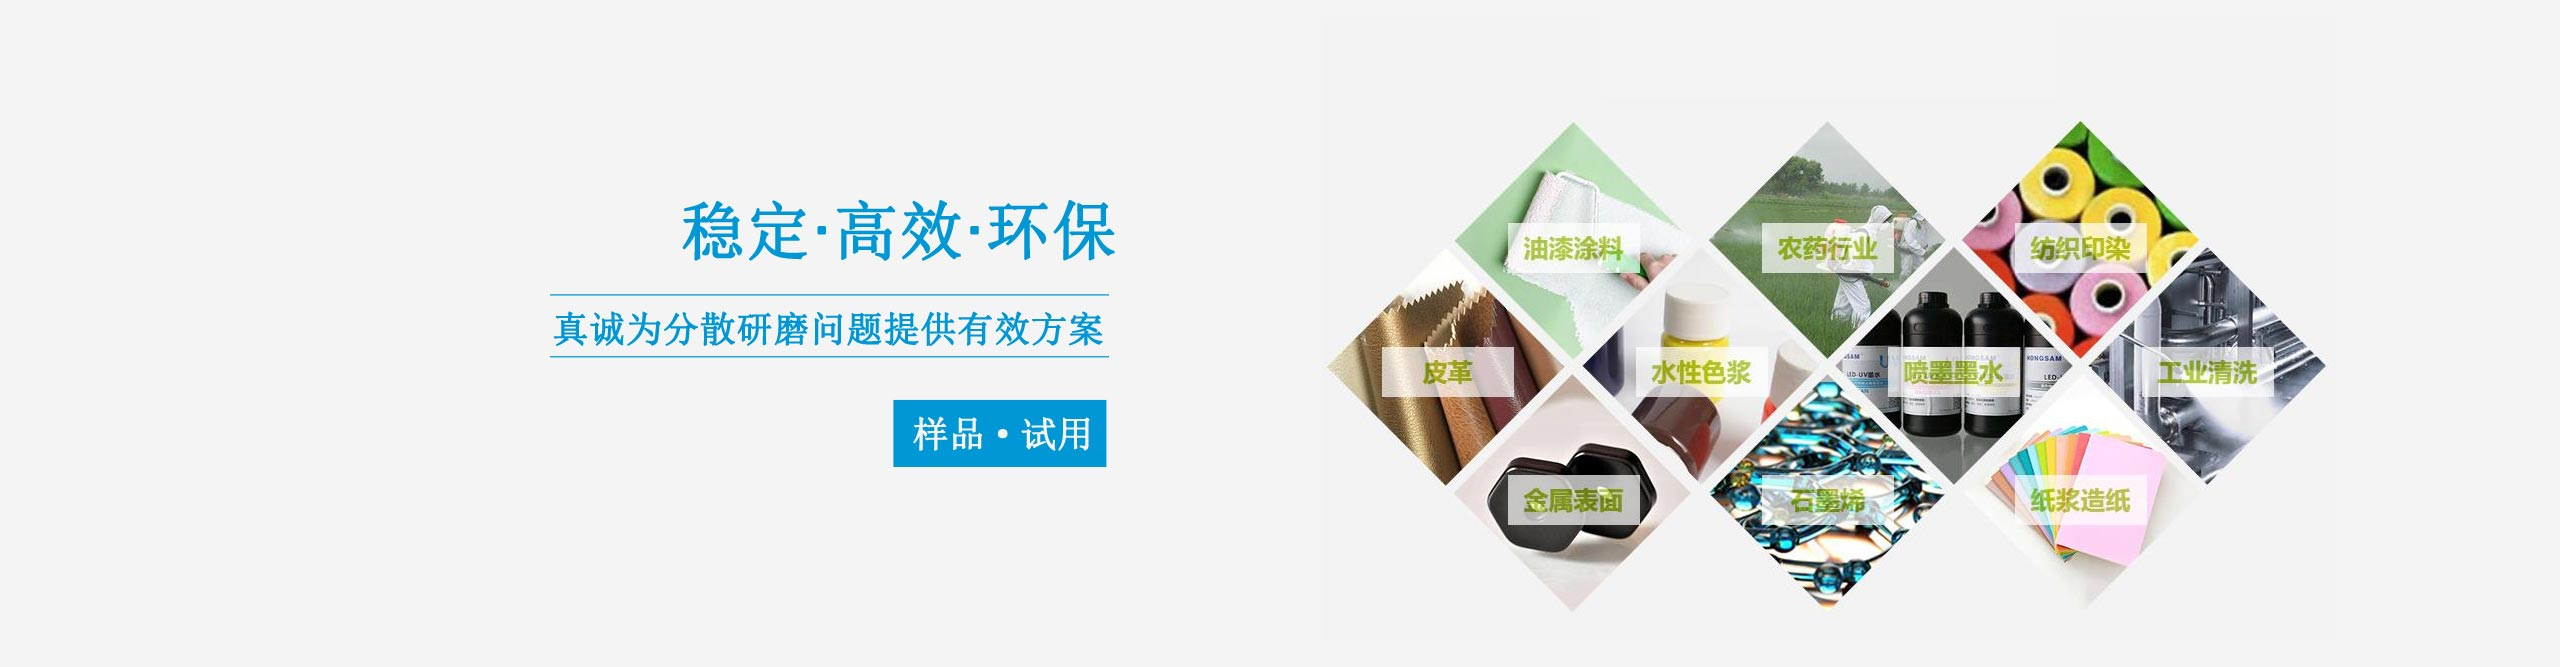 北京晨洋科技有限公司